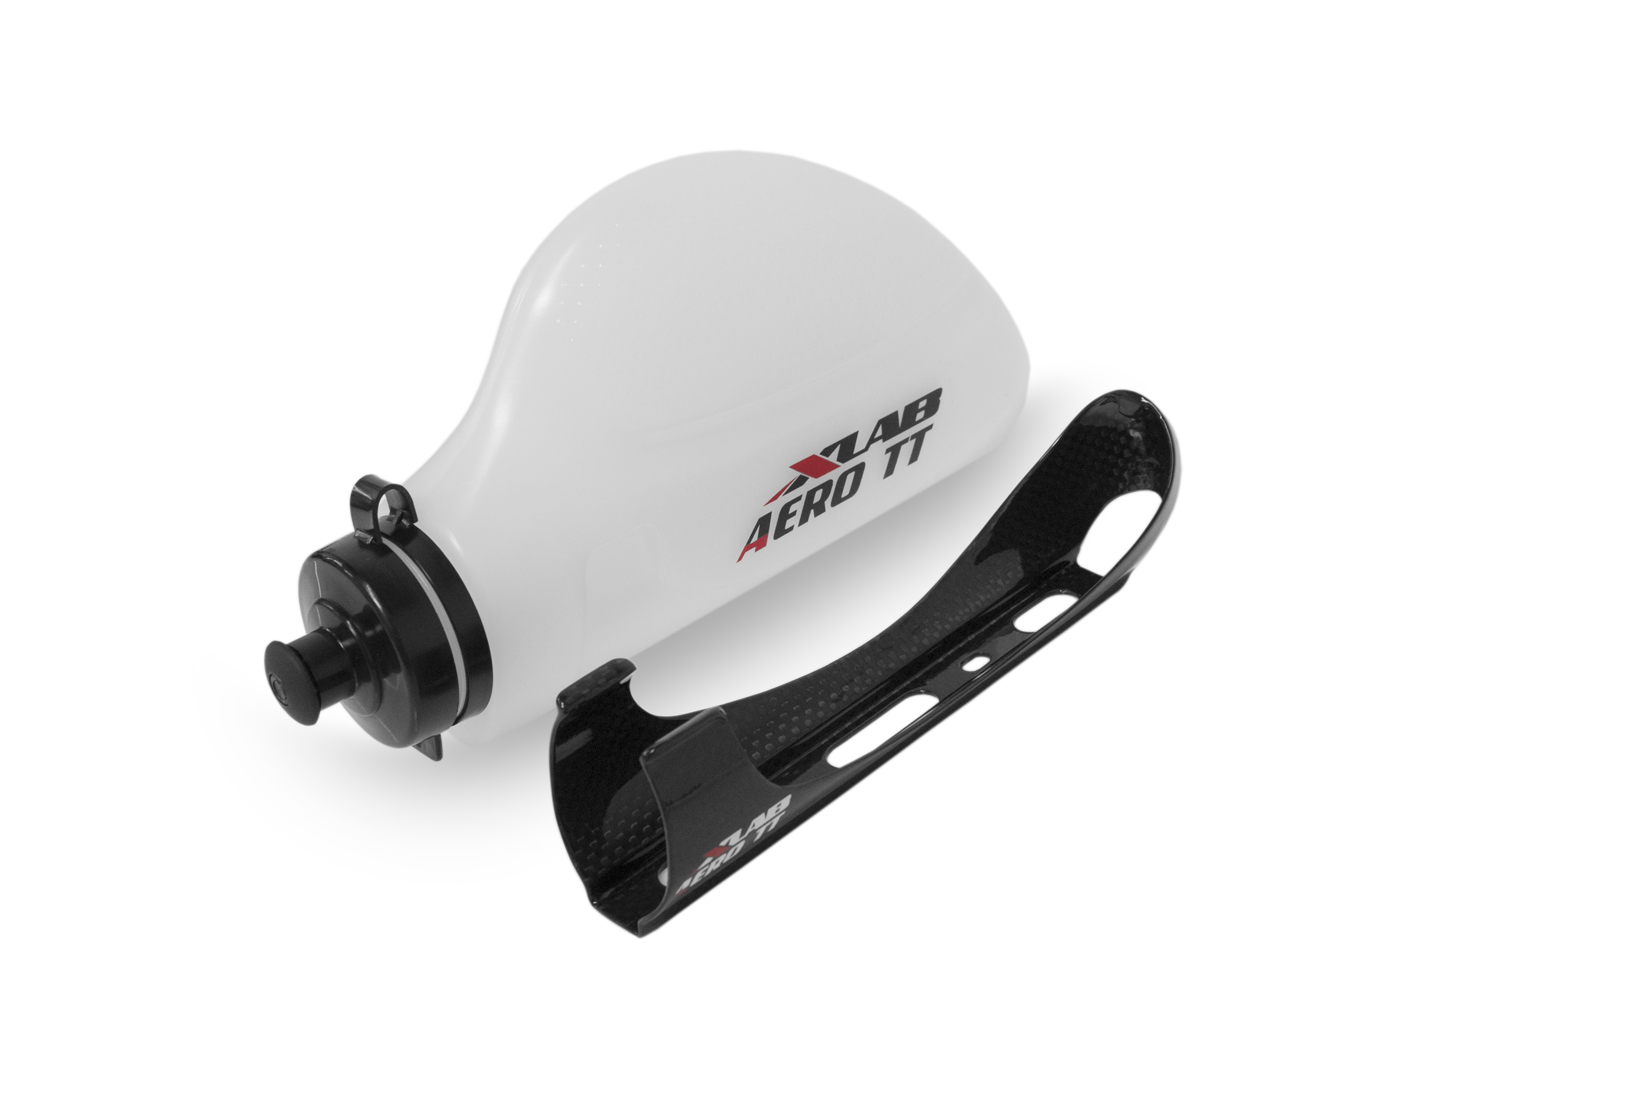 Aero-TT-front-2